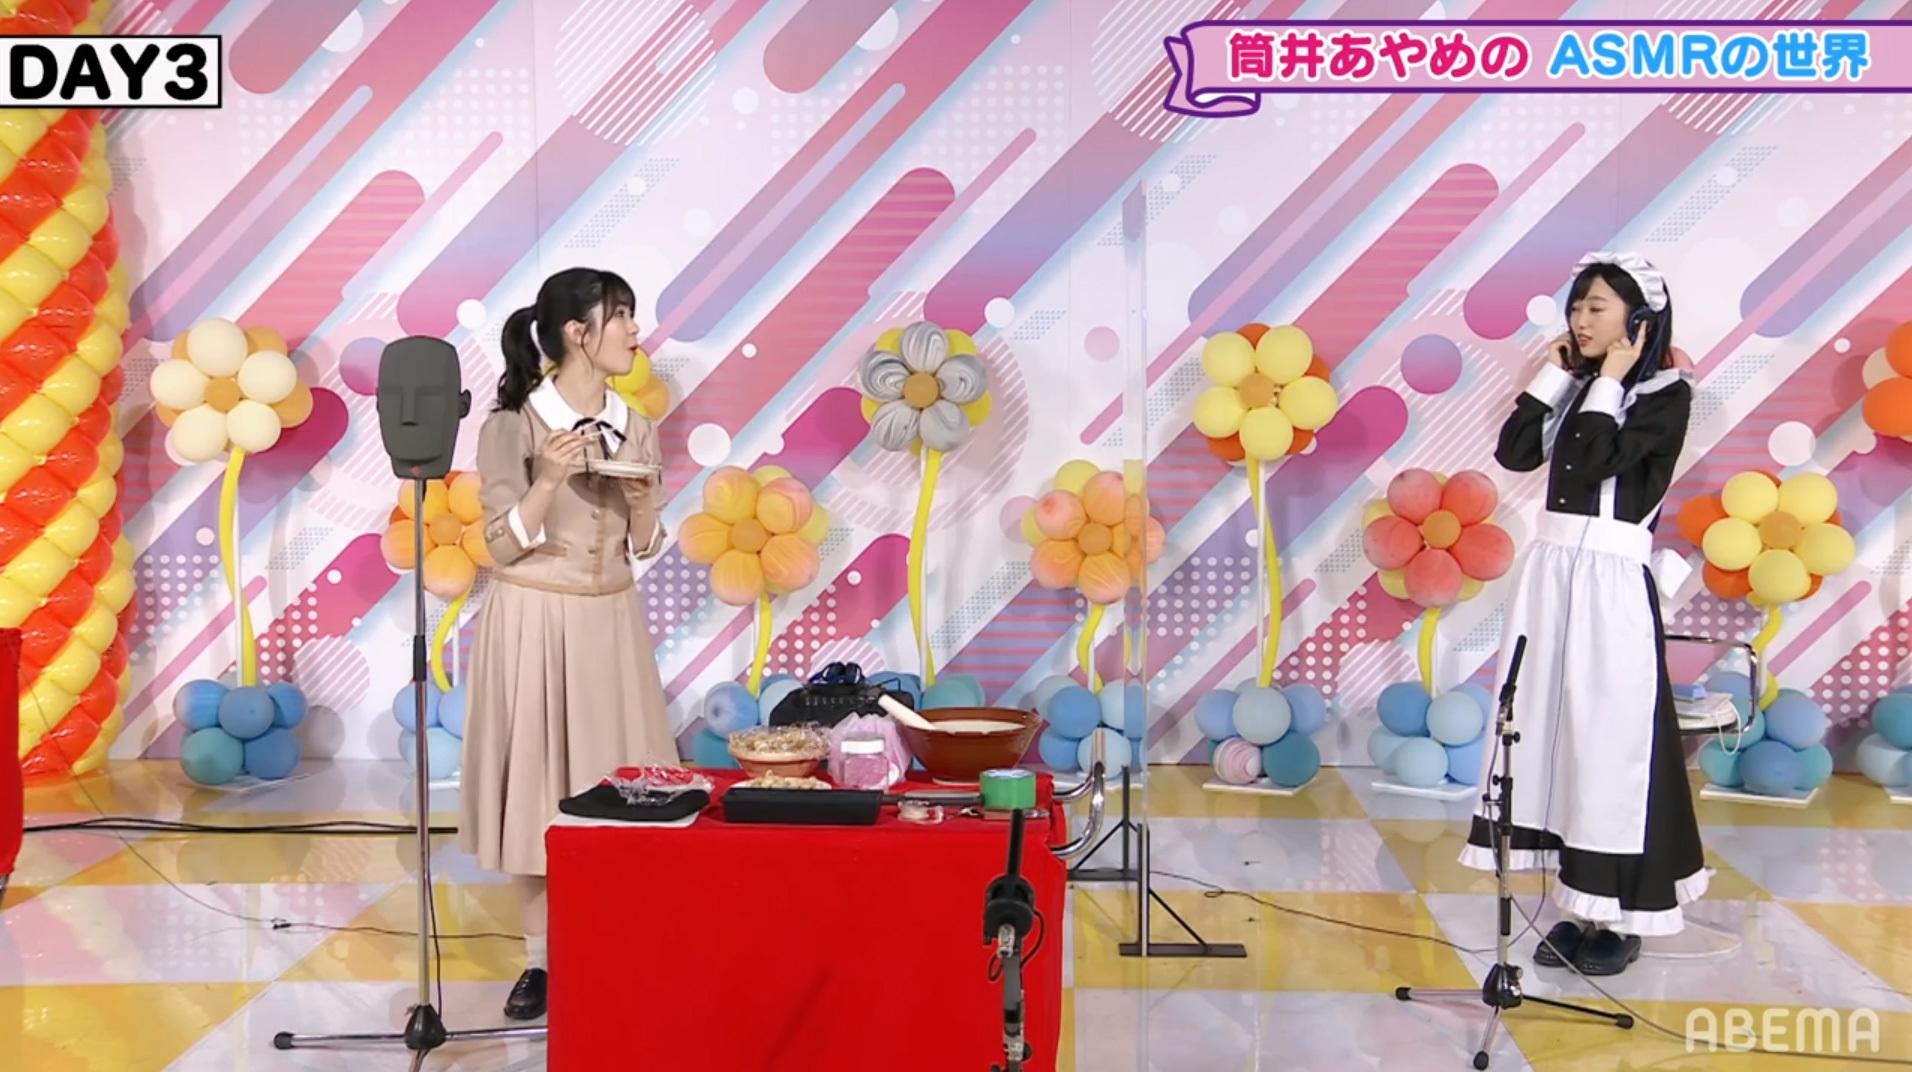 乃木坂46時間TV 乃木坂電視台「筒井あやめがお送りするASMRの世界」